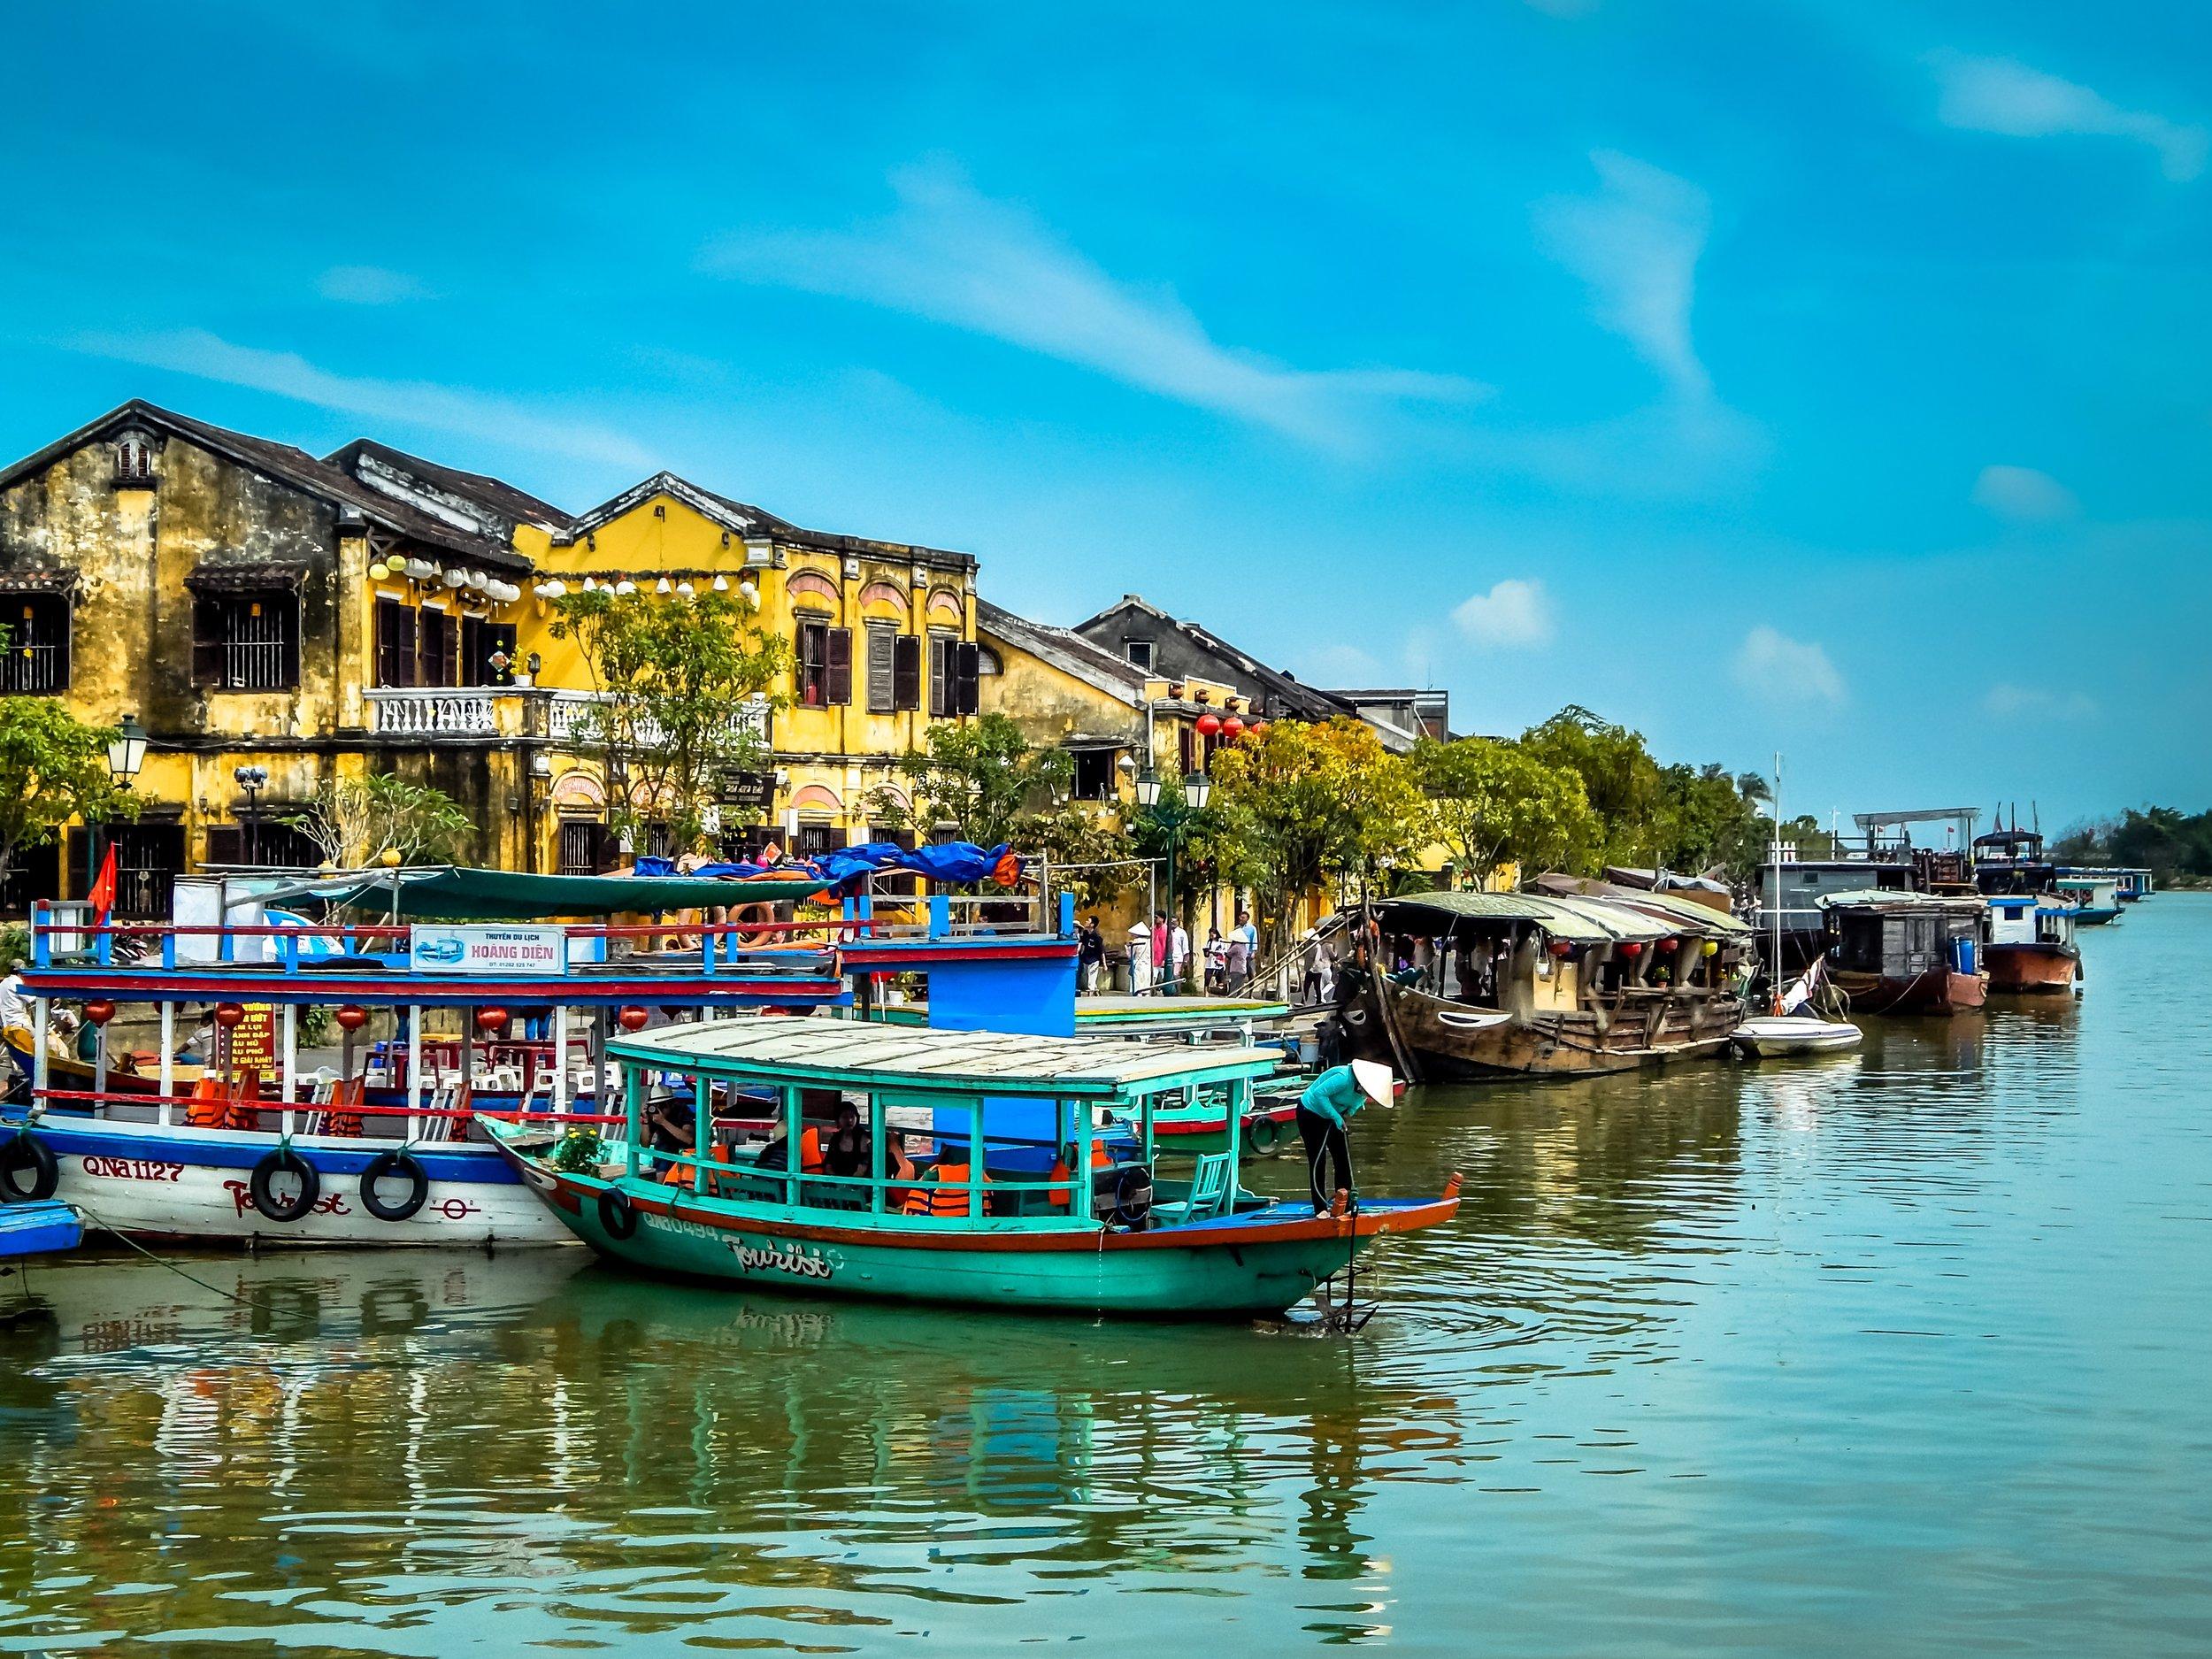 hoi-an-vietnam-2139871-pixabay.jpg